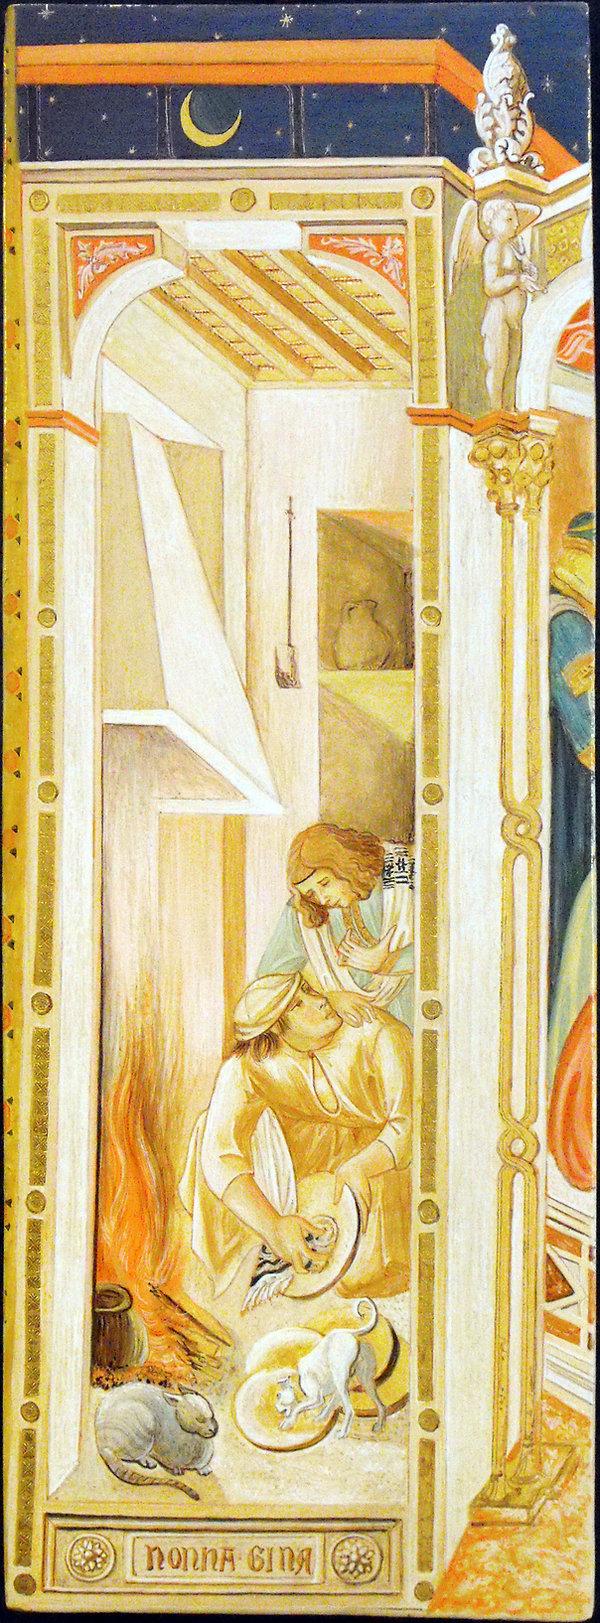 Opera ispirata ad un dipinto di Pietro Lorenzetti Assisi XIV secolo Tempera e oro su tavola